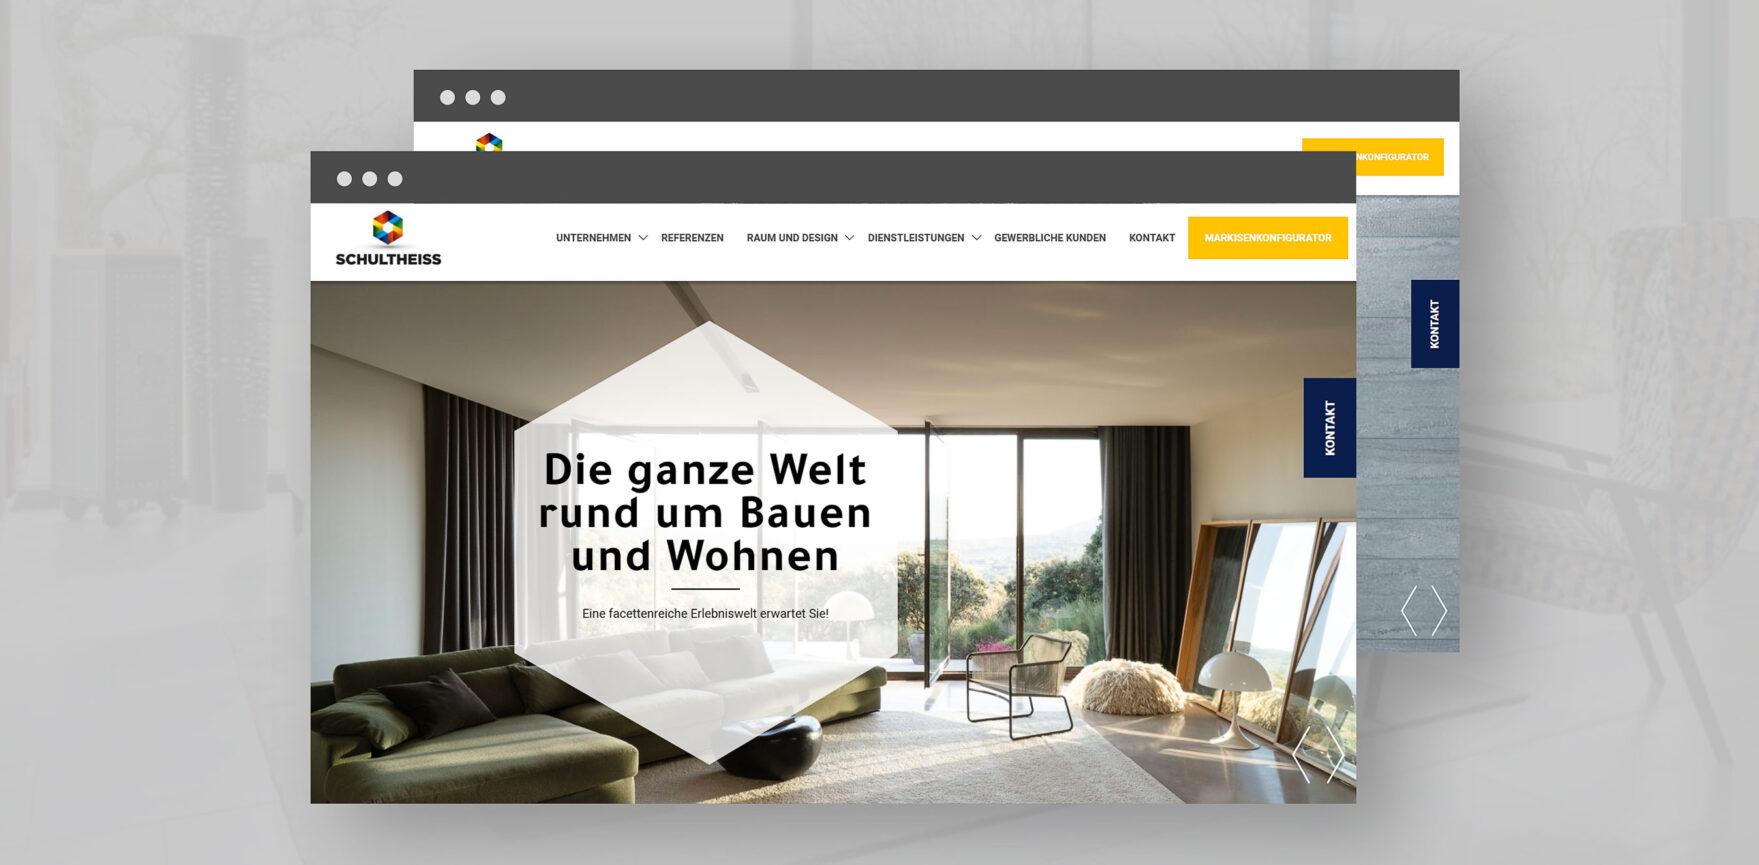 Startseite der Schultheiss GmbH im neuen Webdesign